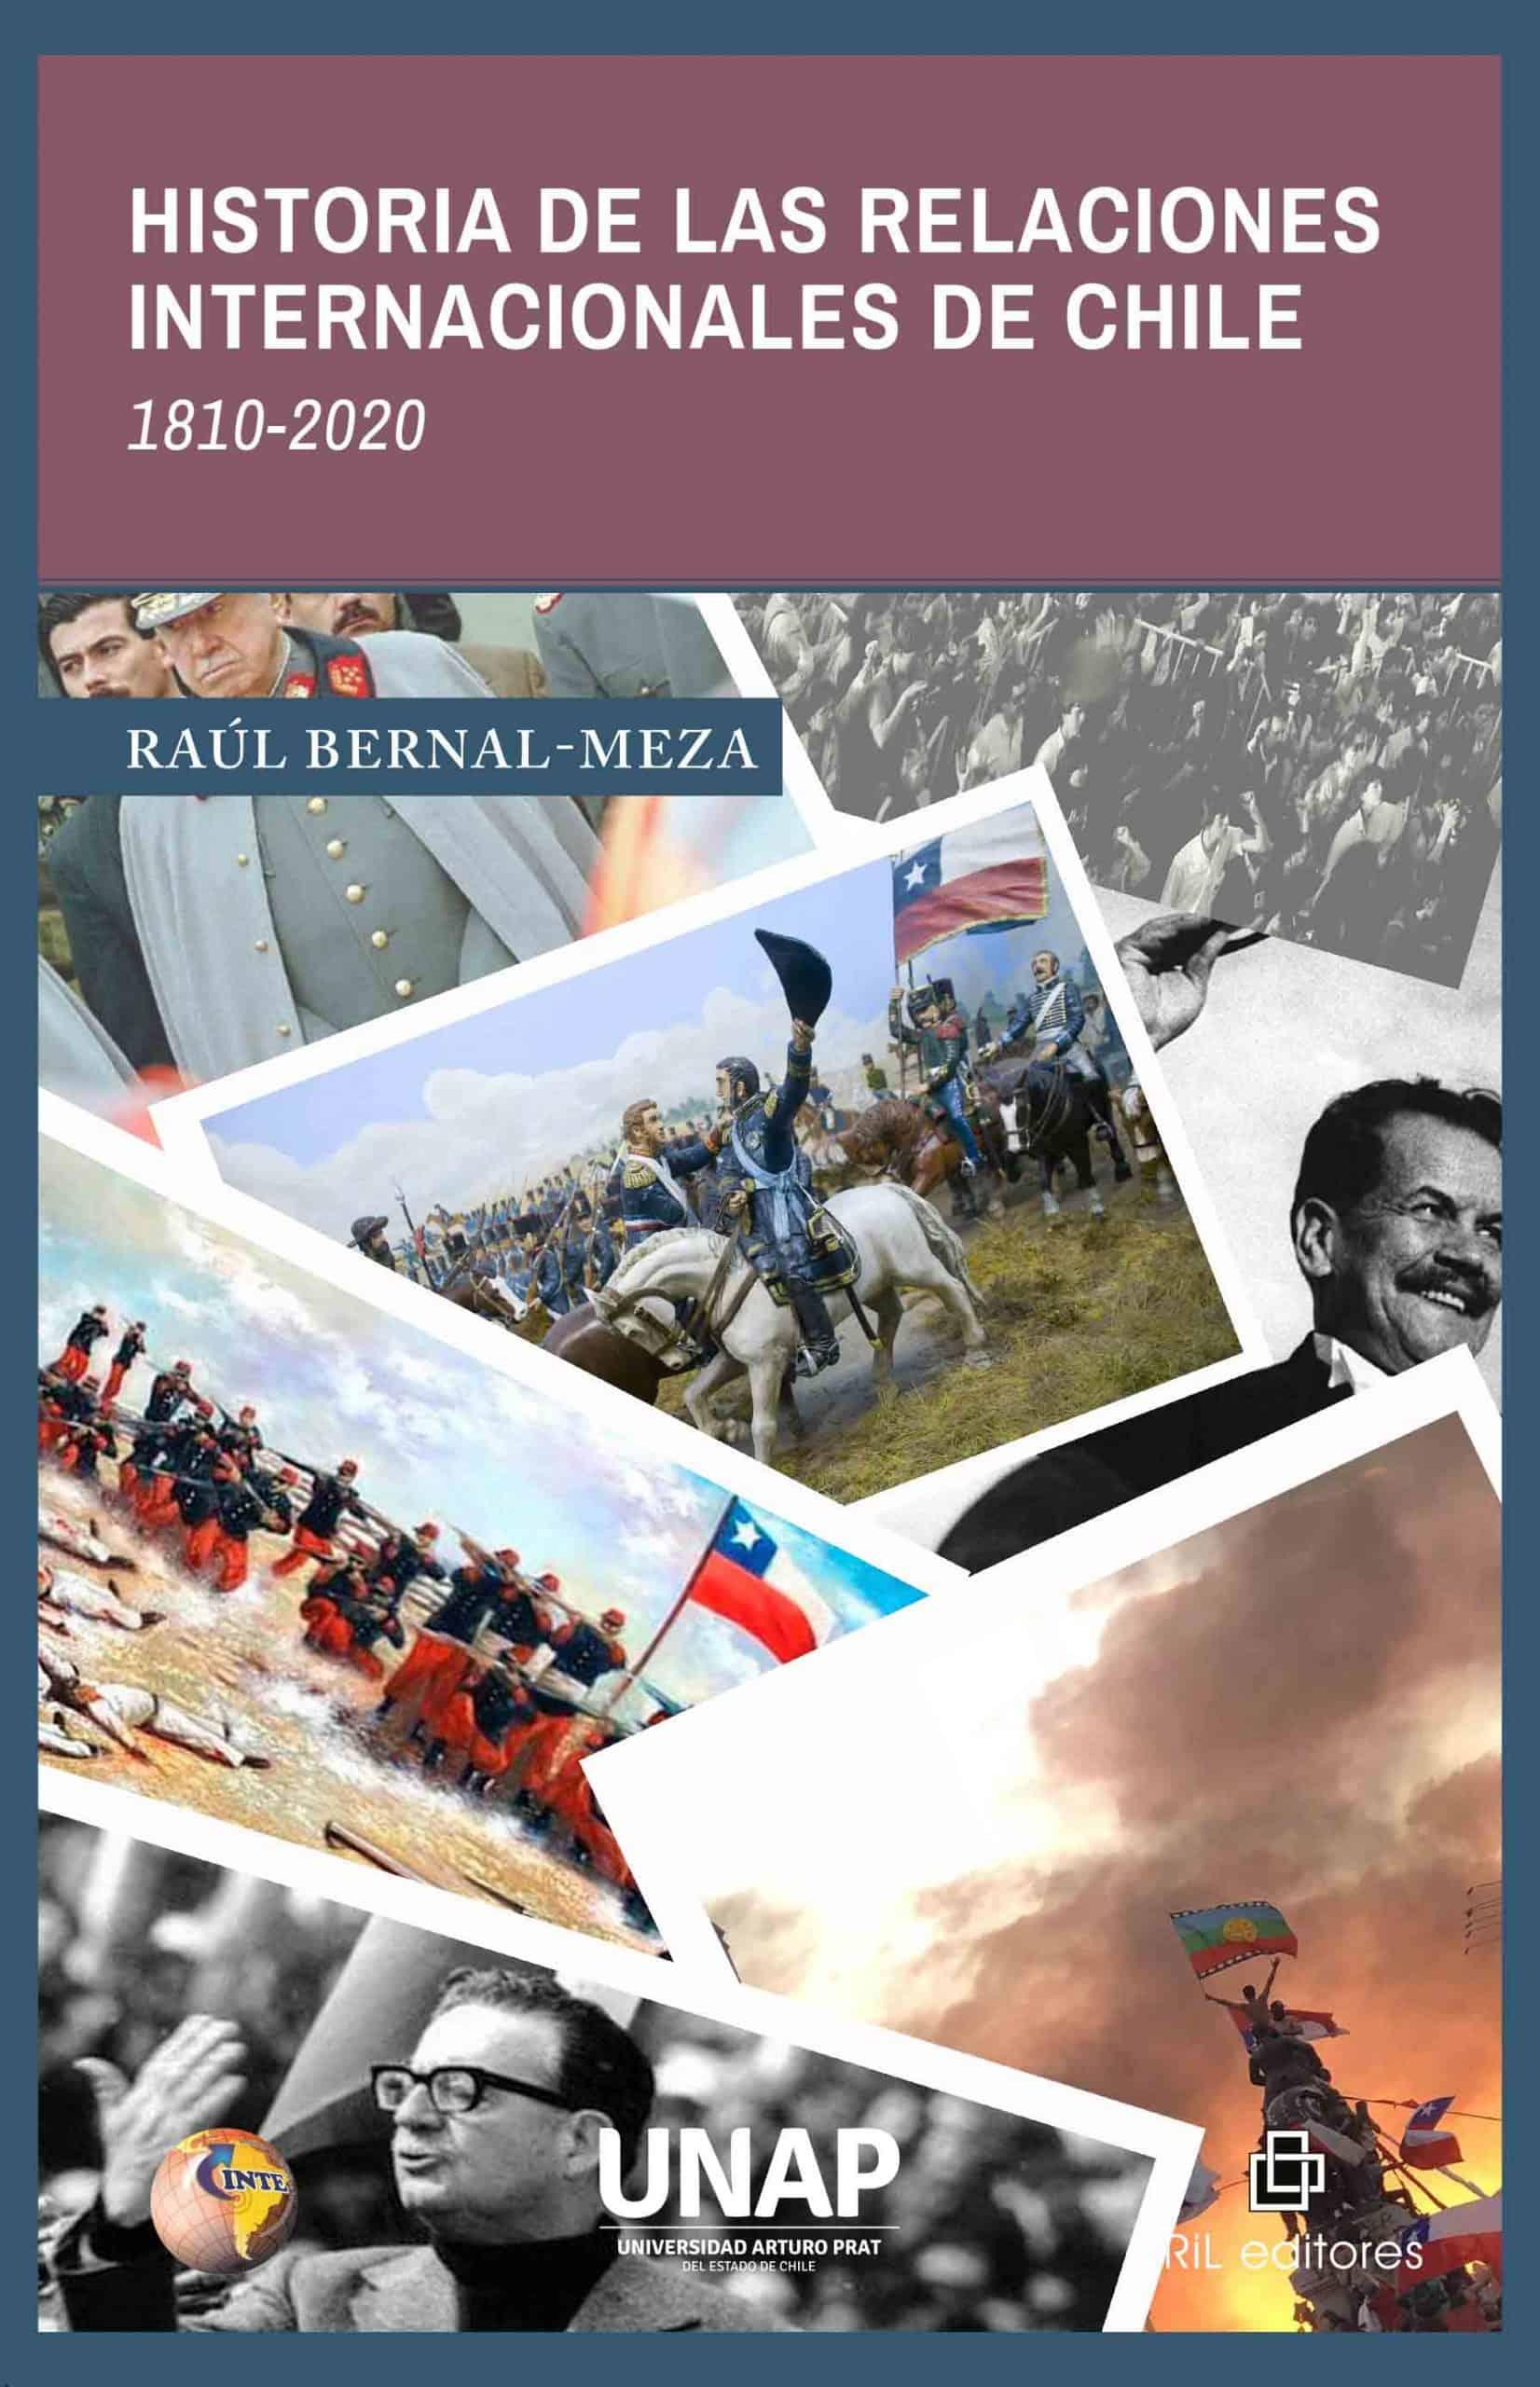 Historia de las relaciones internacionales de chile 1810-2020 1